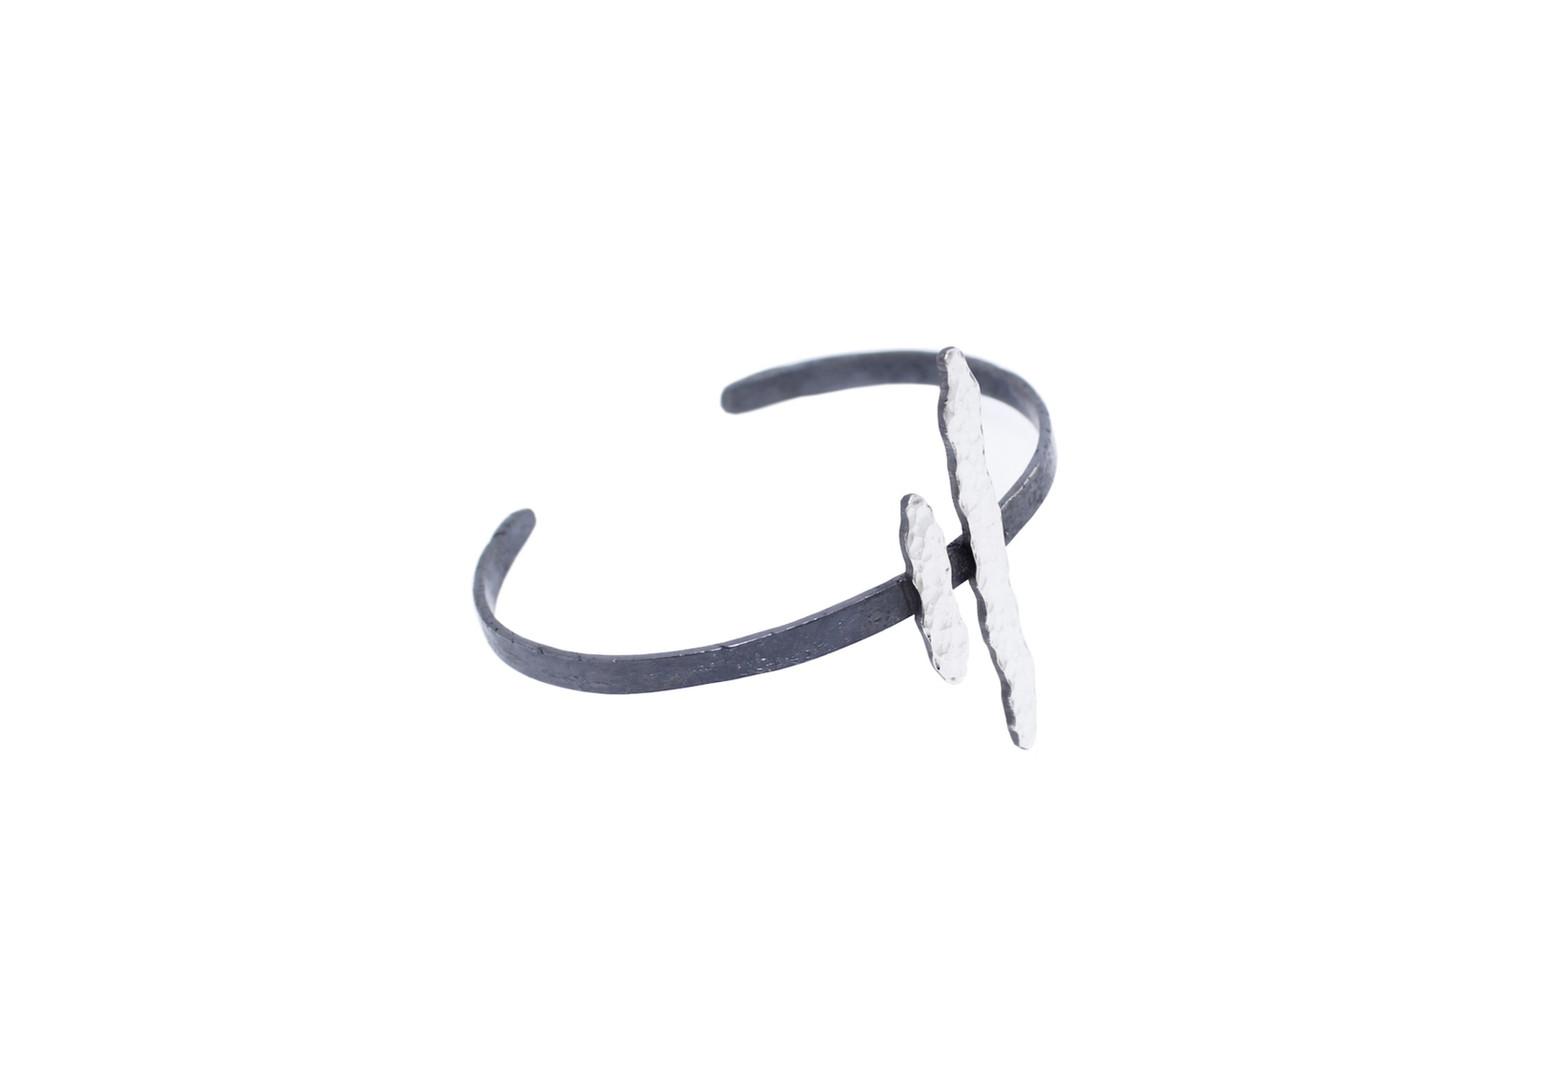 bracelete_imperfeito_rdelbon.jpg